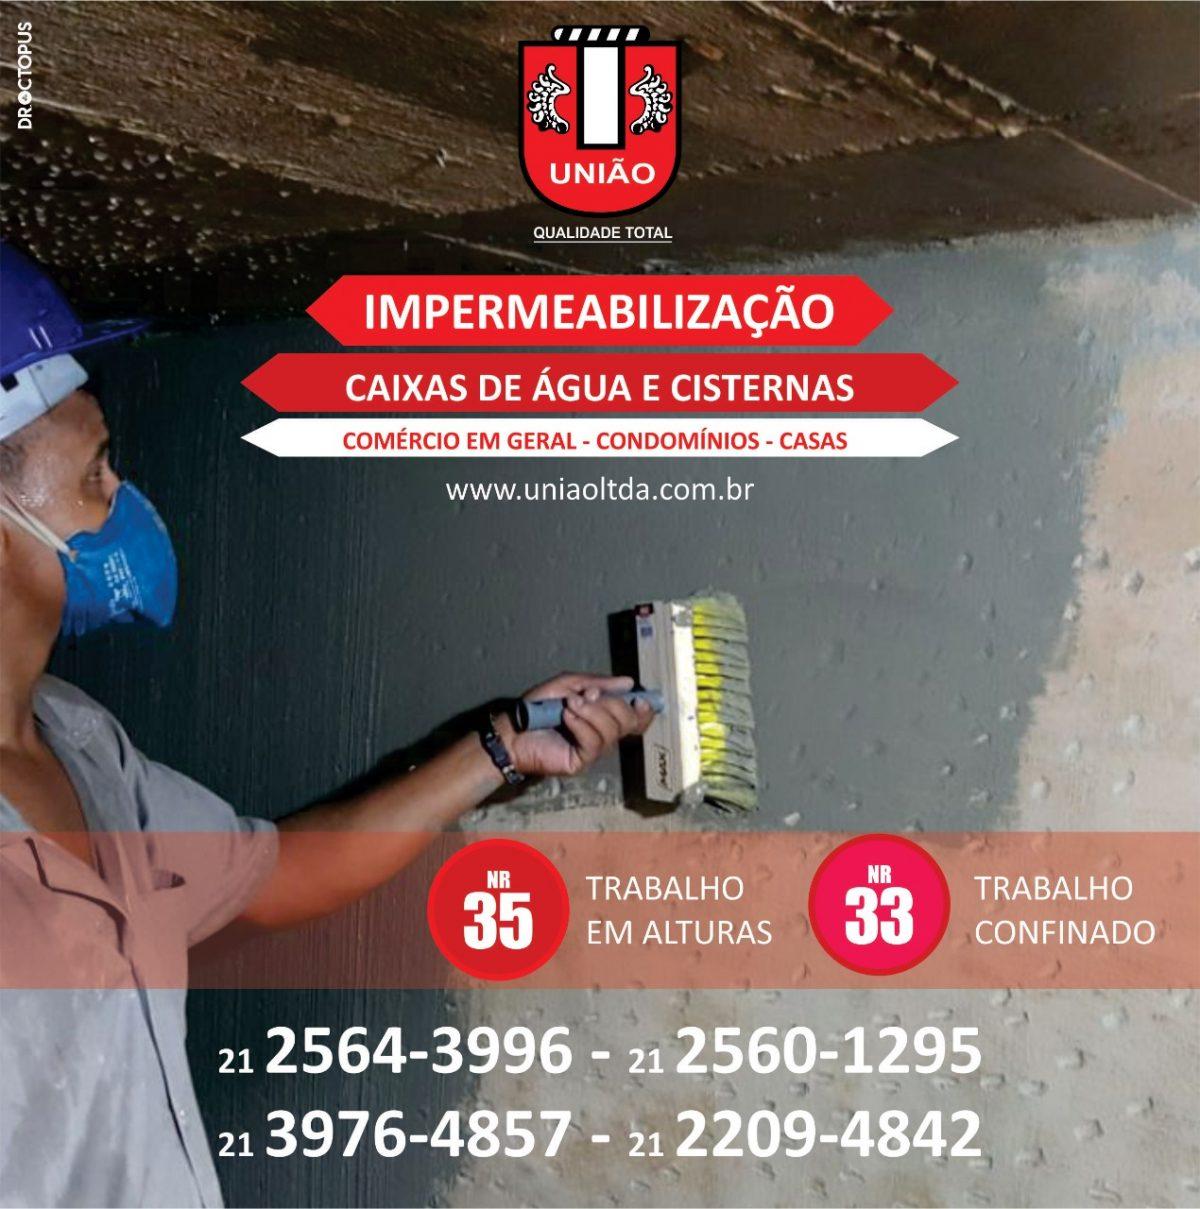 uniaoltda.com.br